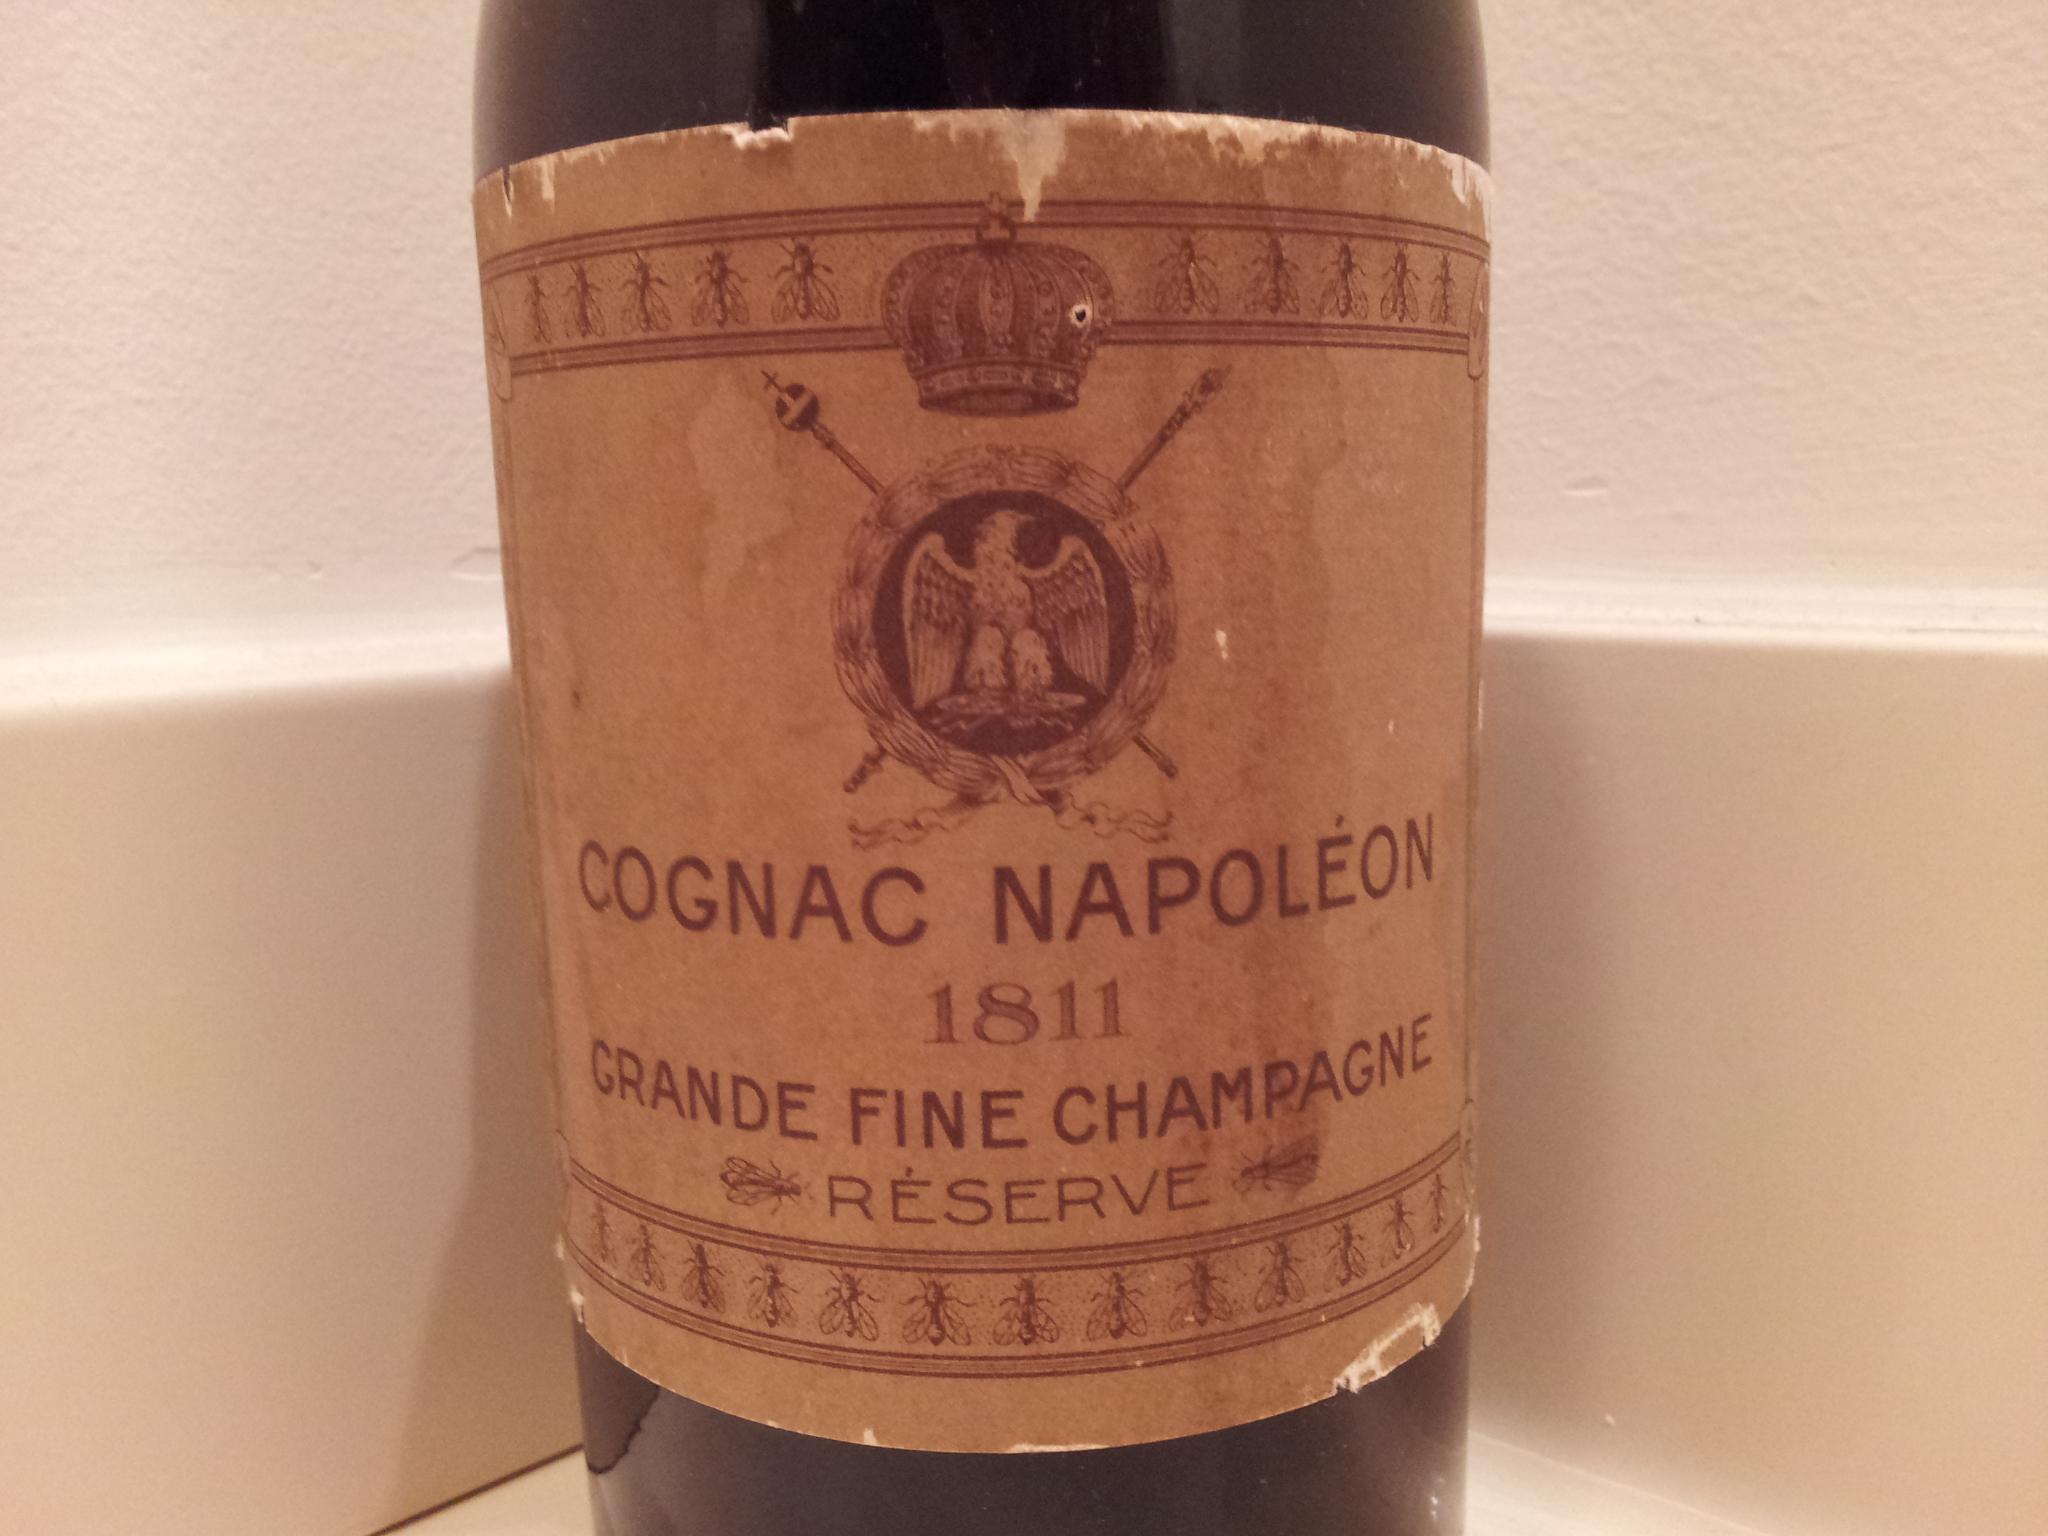 Vintage bottle Cognac Napoleon 1811 Réserve Grande Fine Champagne